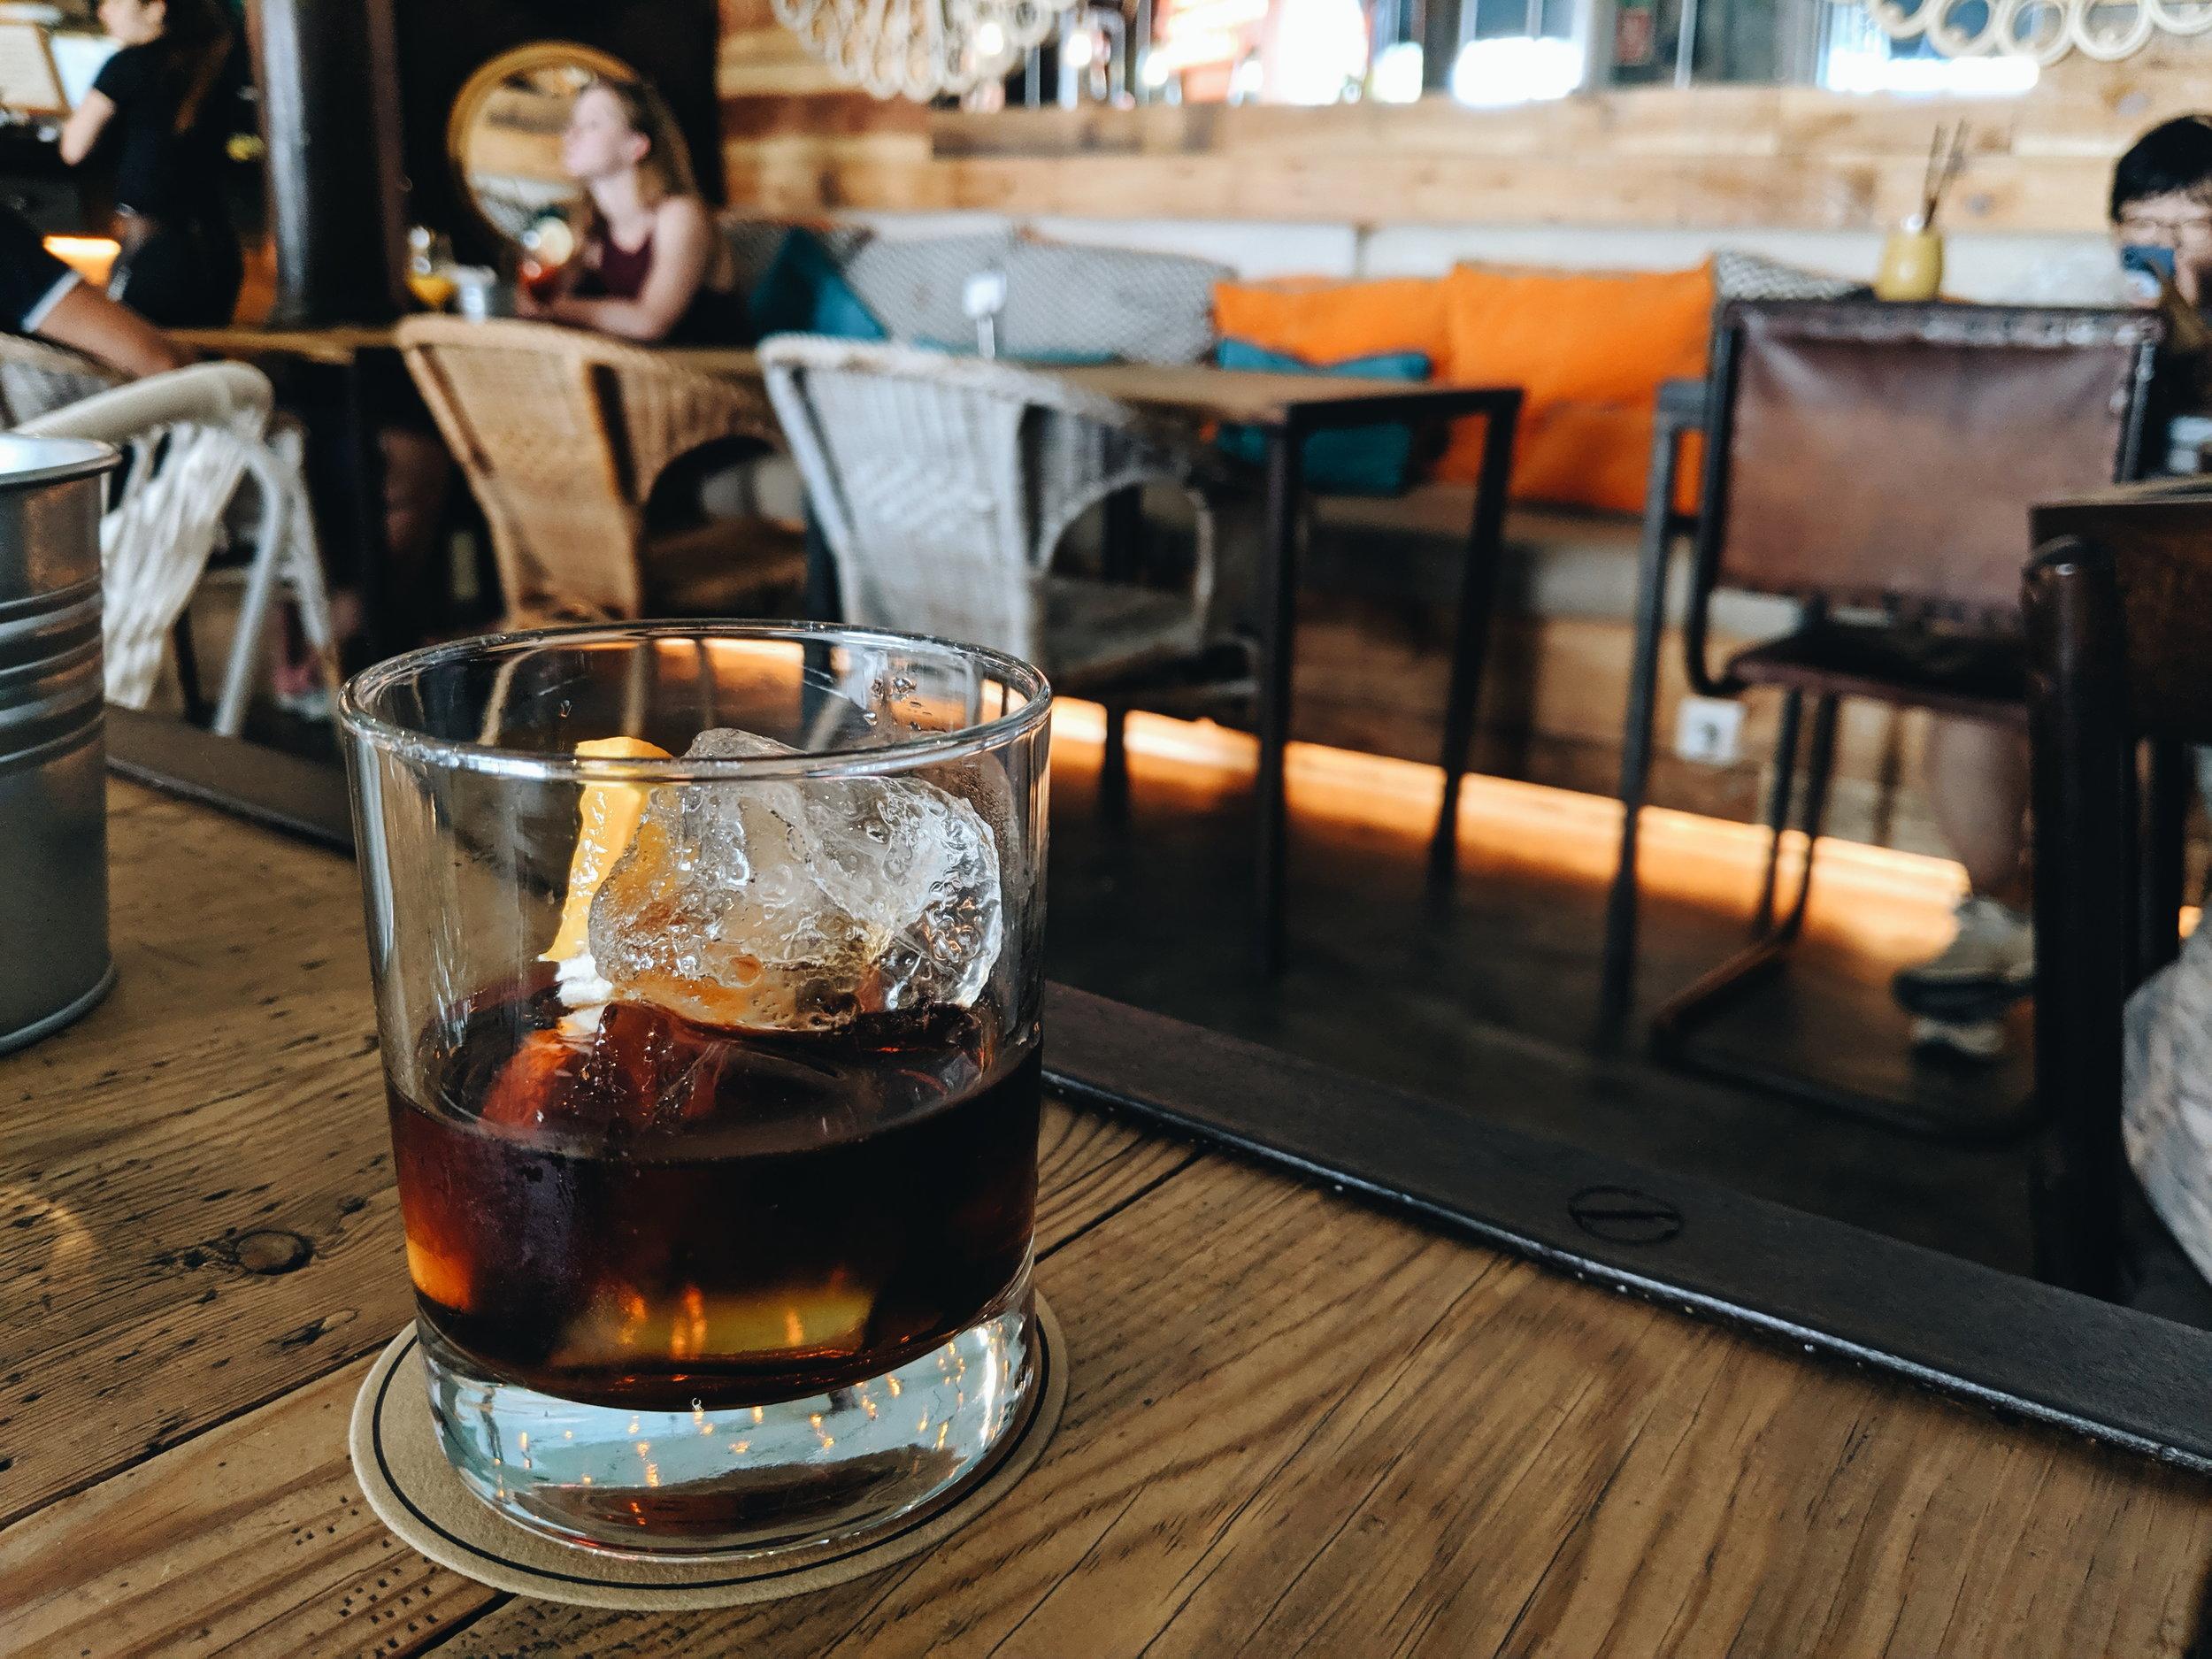 house-vermouth-alsur-cafe-barcelona.jpg